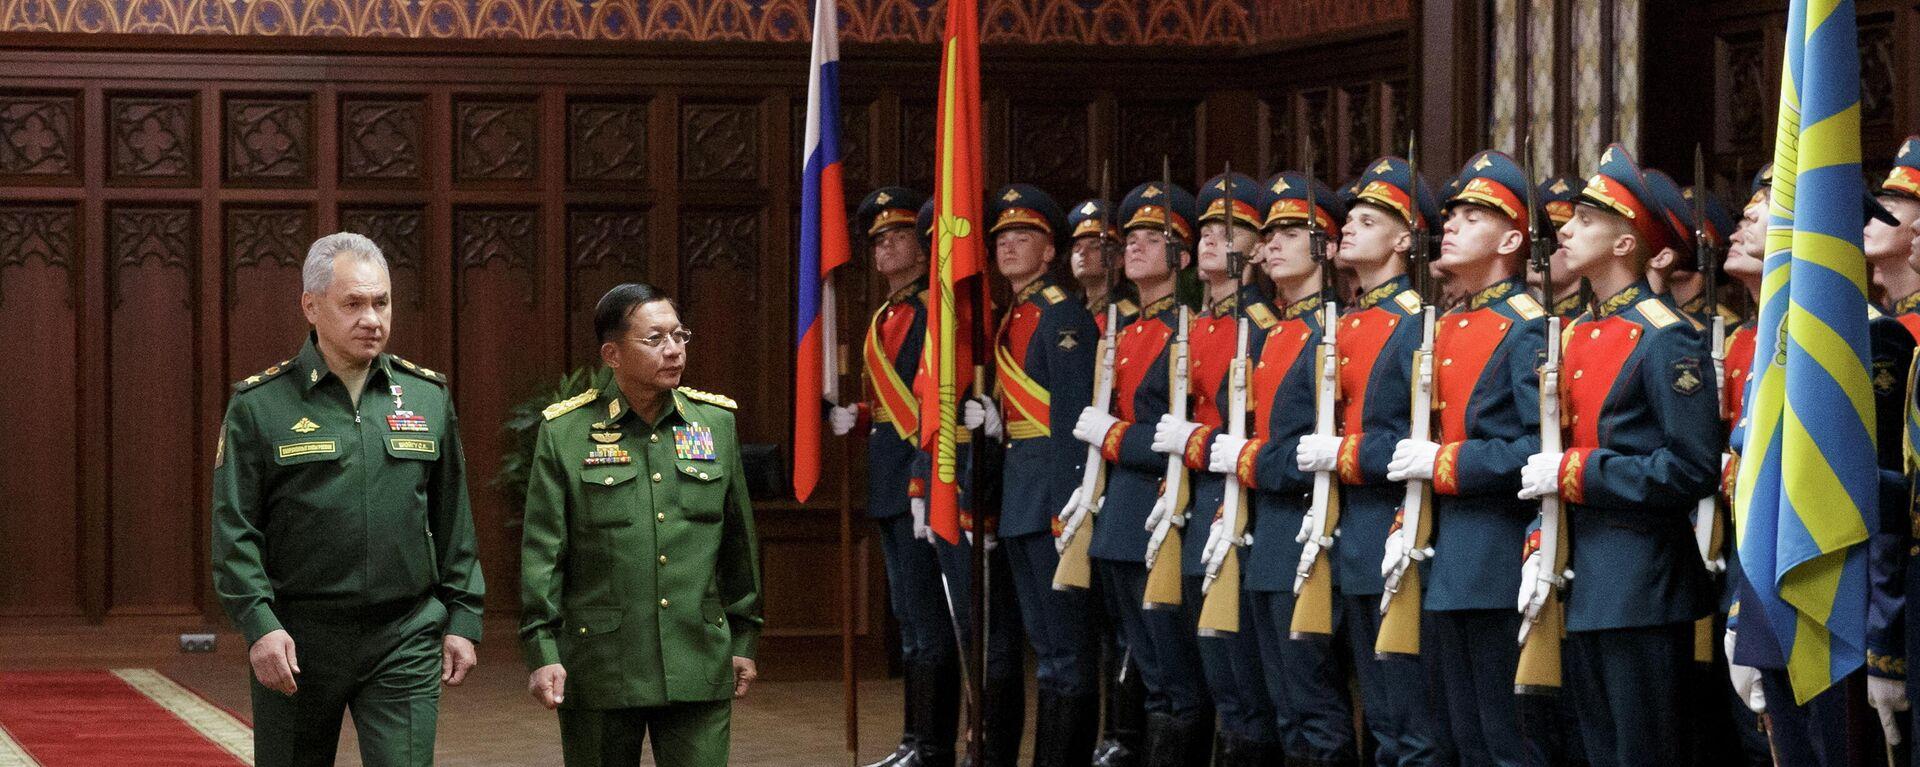 Russlands Verteidigungsminister Sergej Schoigu und Myanmars Oberbefehlshaber Min Aung Hlaing in Moskau, 22. Juni 2021 - SNA, 1920, 28.06.2021